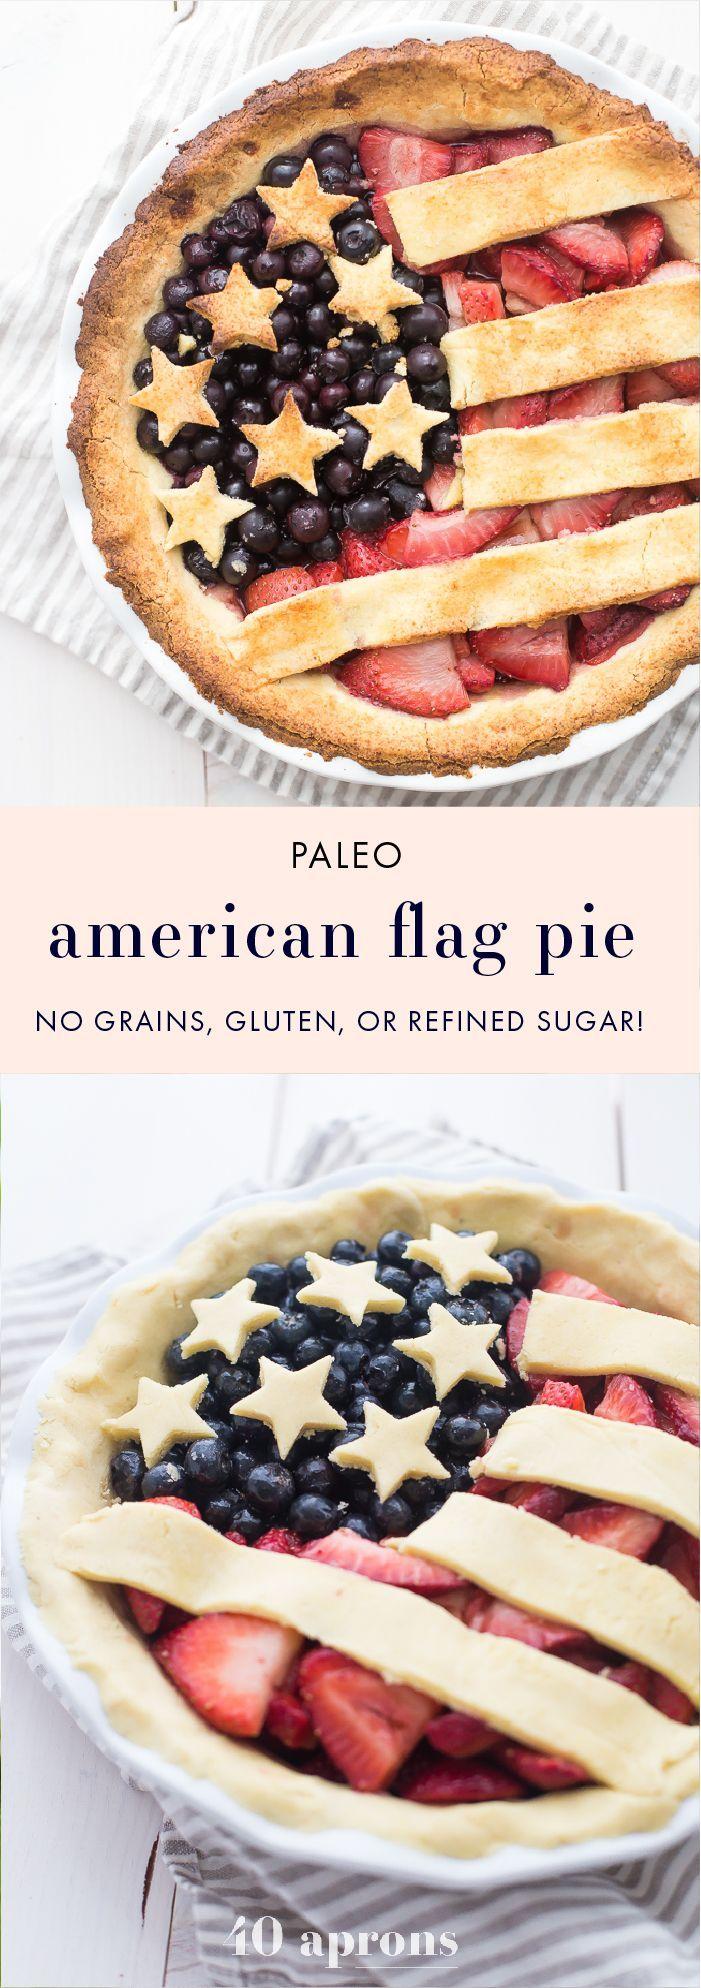 Paleo American Flag Pie (Grain Free, Gluten Free) #labordaydesserts